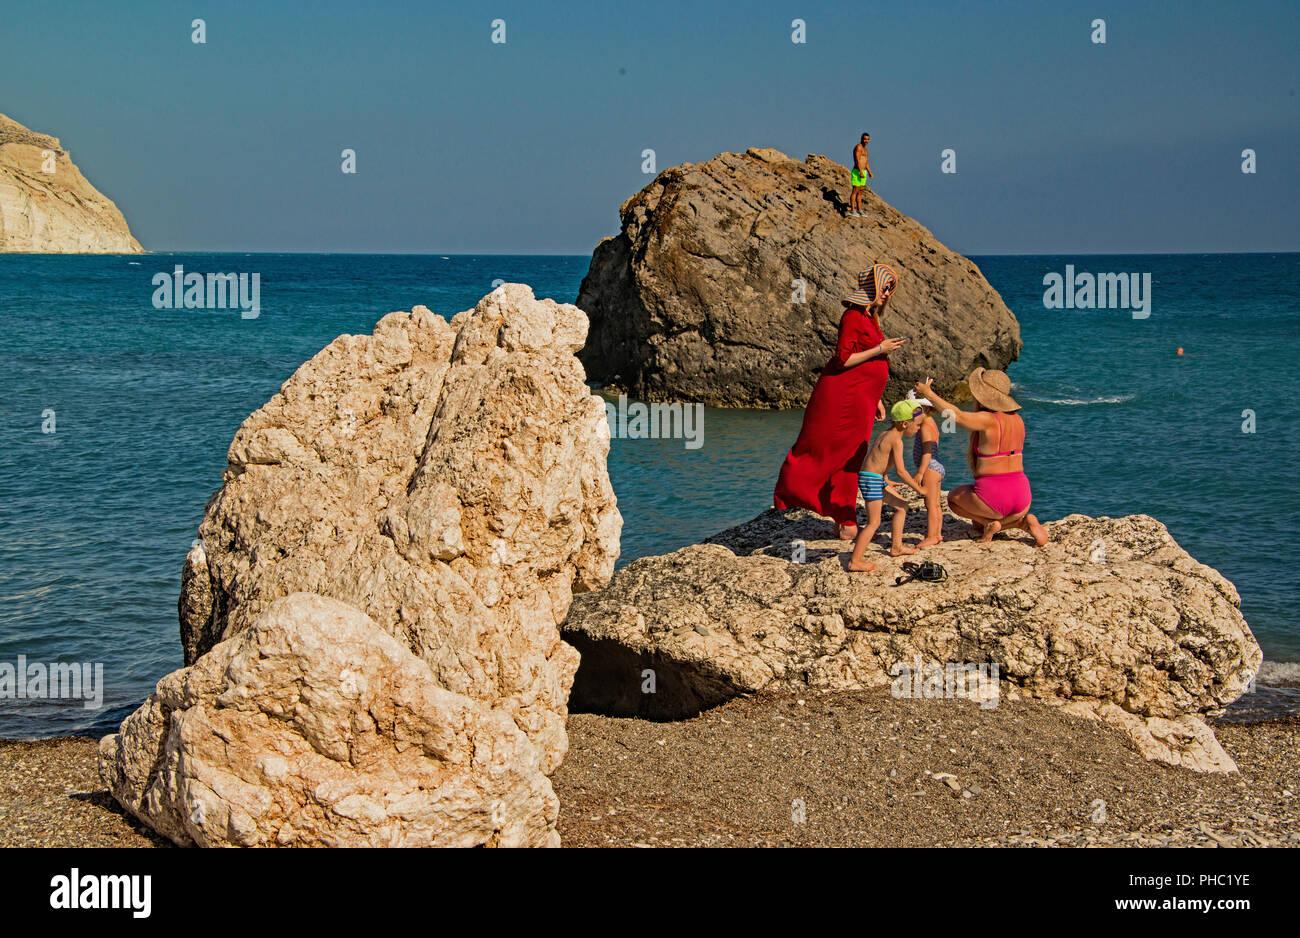 Beach at Petra tou Romiou, Cyprus. - Stock Image